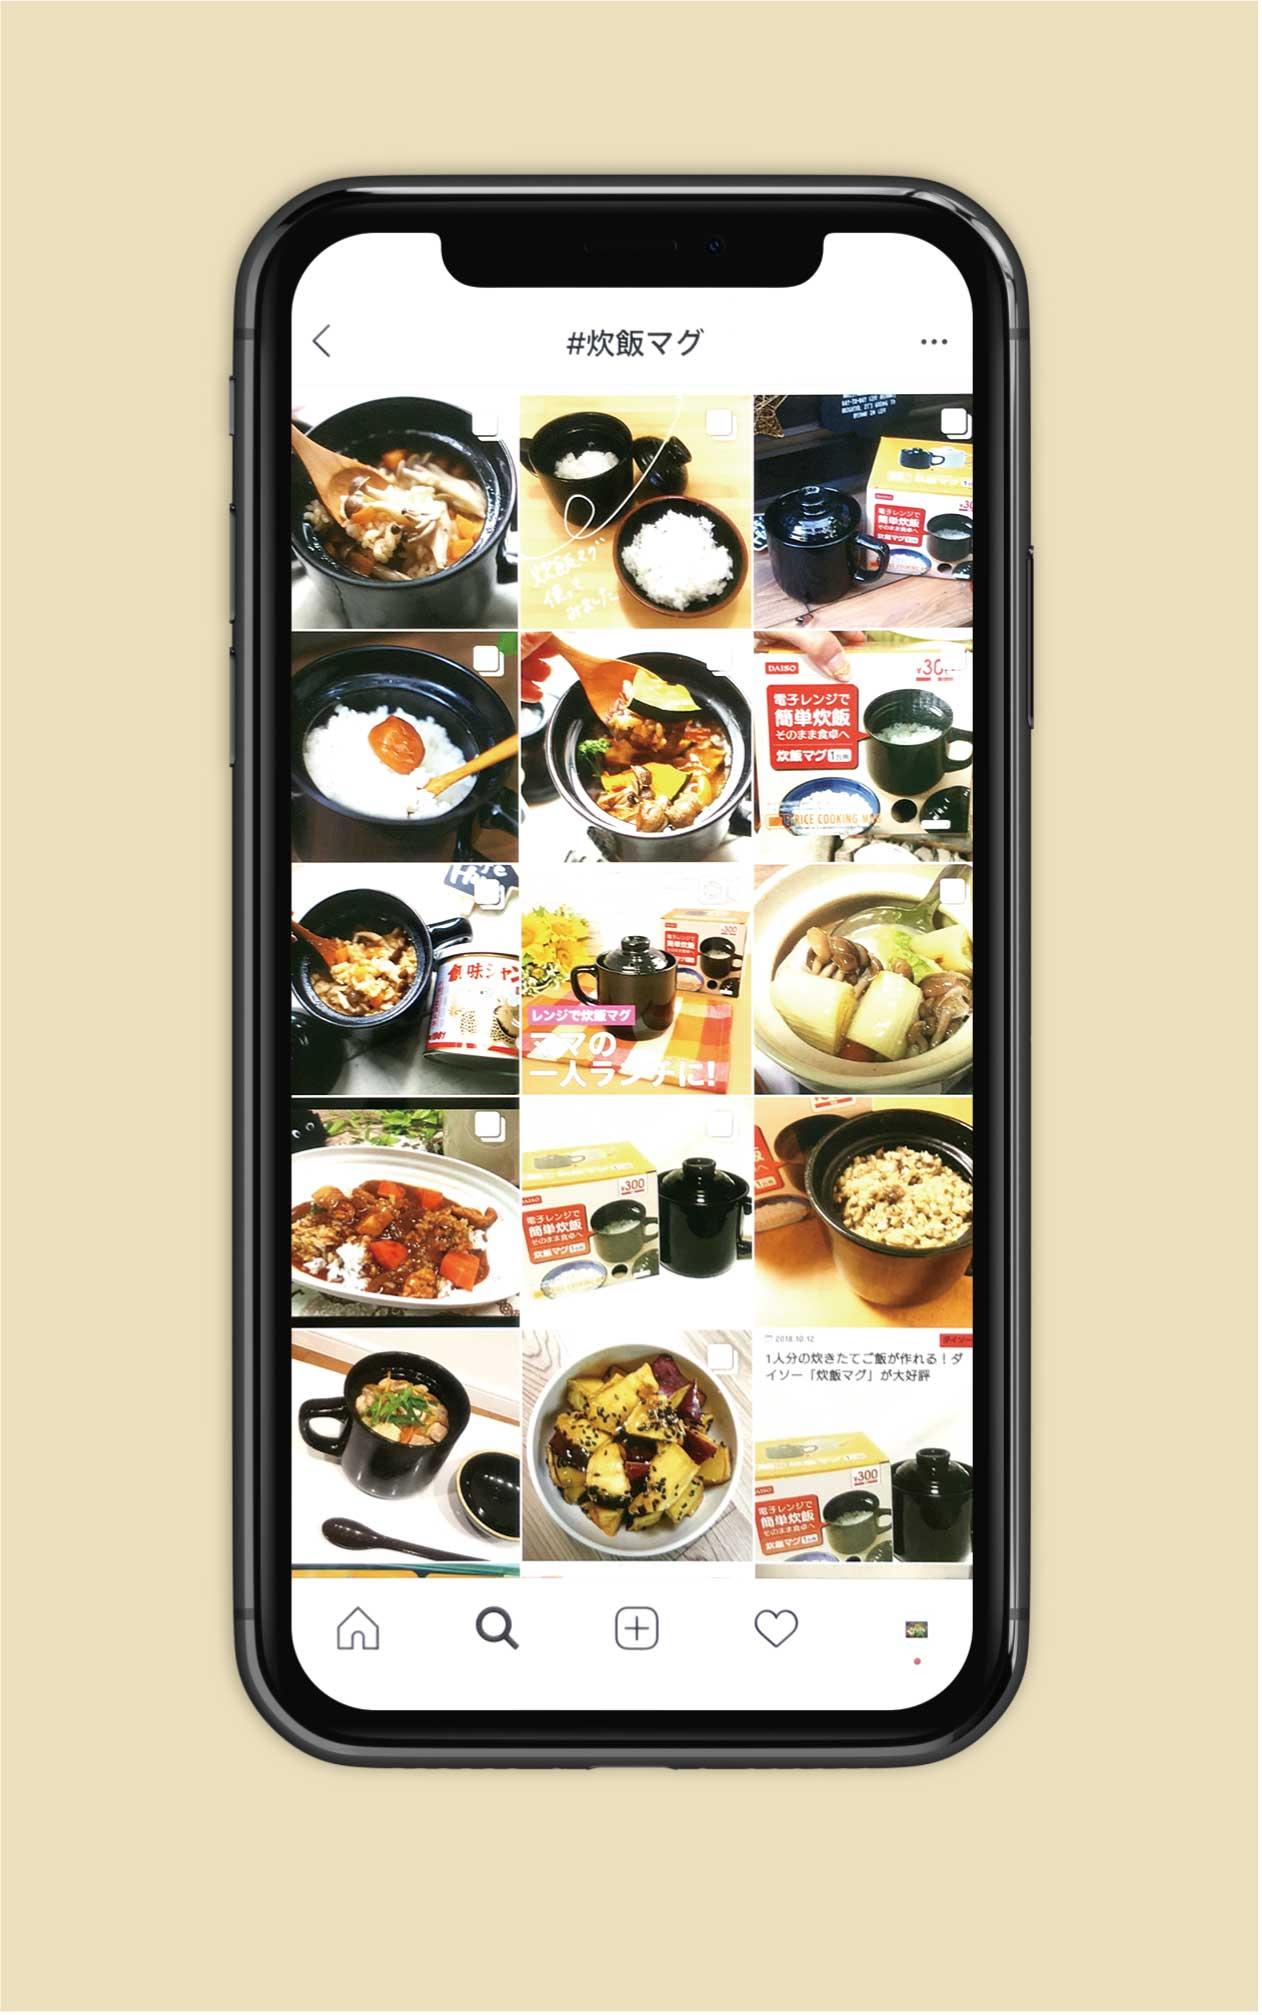 【住まい・暮らし】レンジで1人分のご飯が炊ける「炊飯マグ」(2019年1月号)